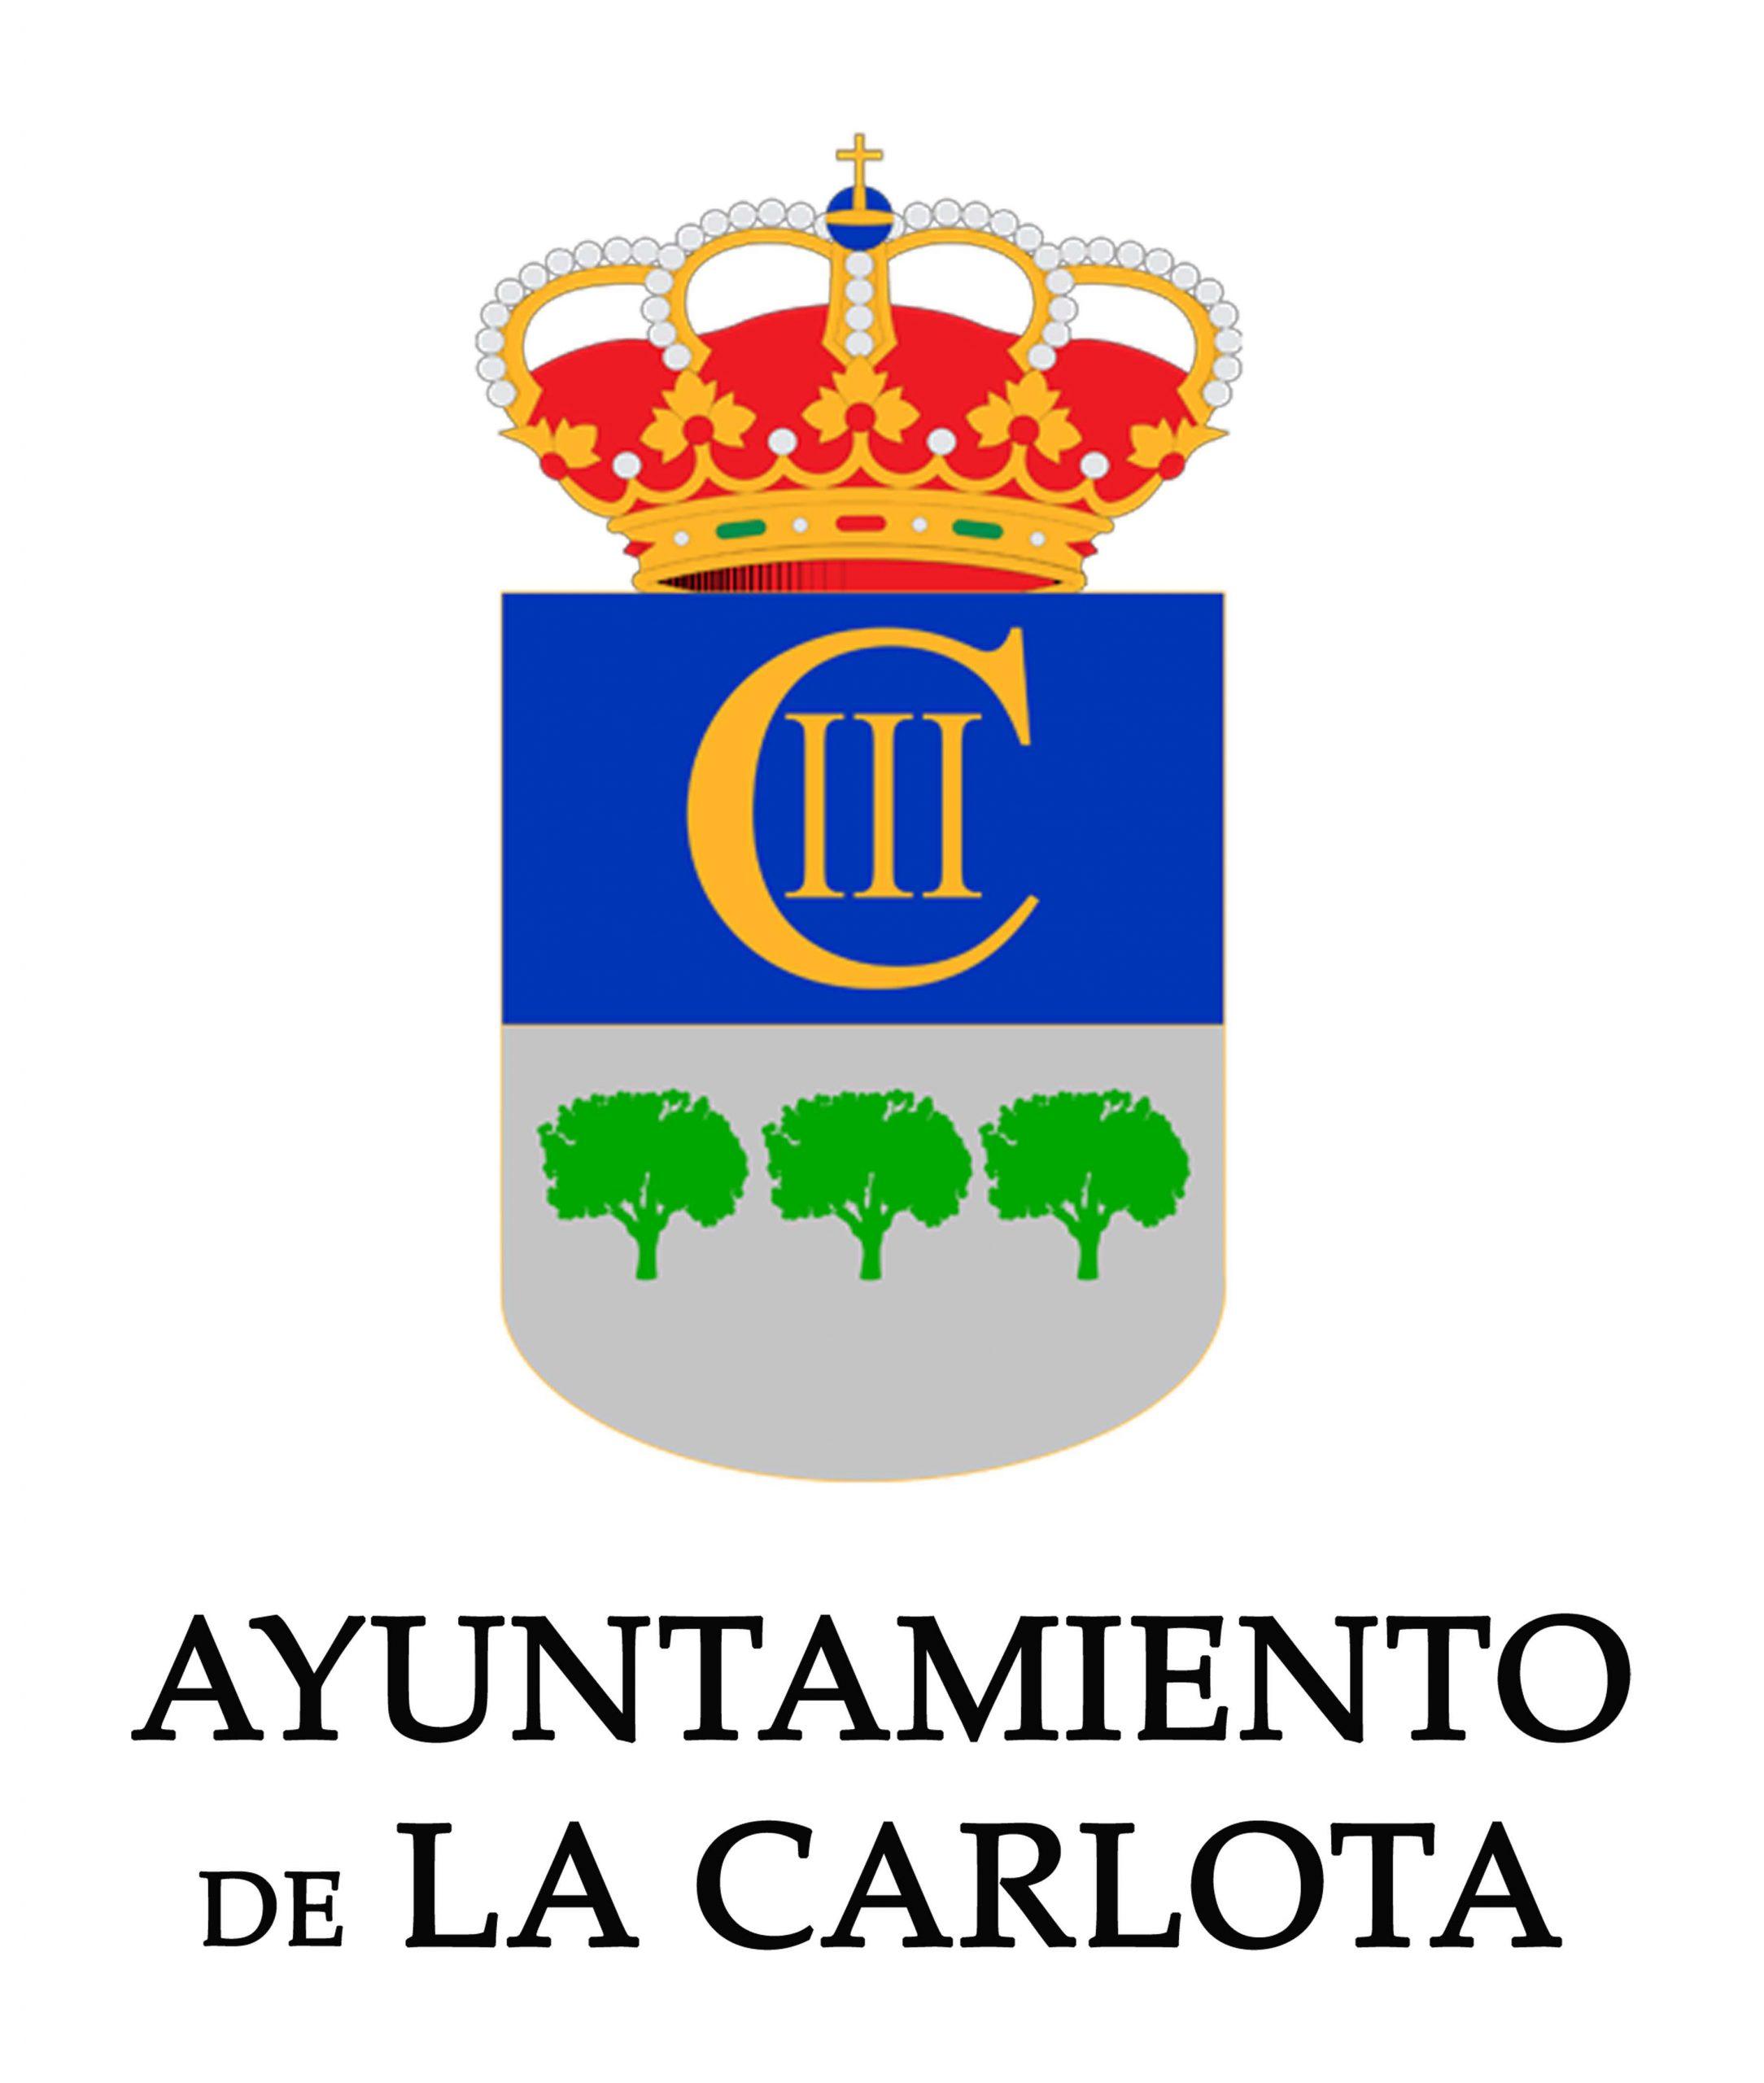 EL AYUNTAMIENTO HARÁ UN NUEVO REPARTO DE MASCARILLAS PARA TODAS LAS EDADES A LOS VECINOS Y VECINAS DEL MUNICIPIO  1